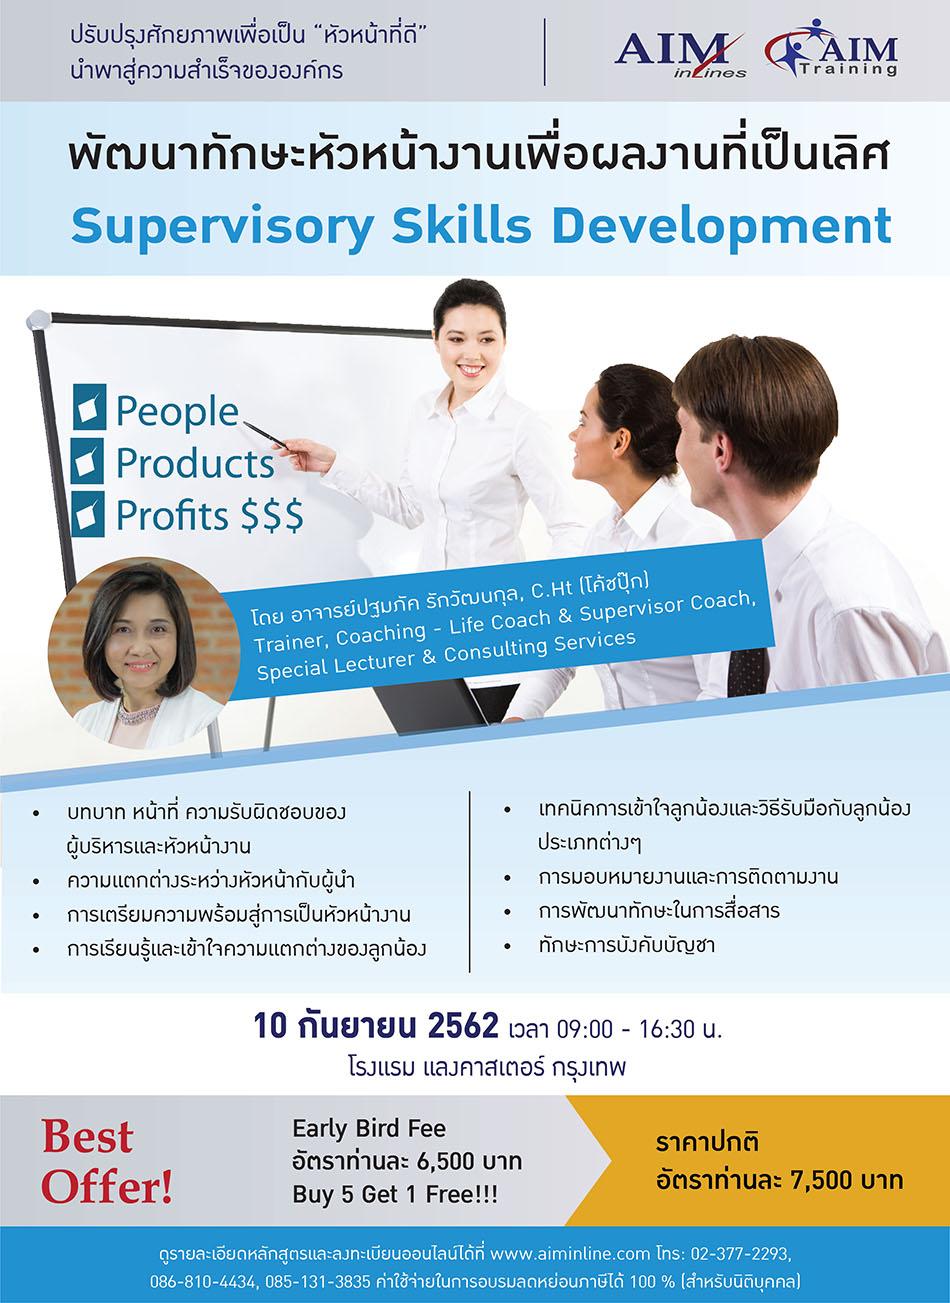 หลักสูตร Supervisory Skills Development พัฒนาทักษะหัวหน้างาน เพื่อผลงานที่เป็นเลิศ รูปที่ 1